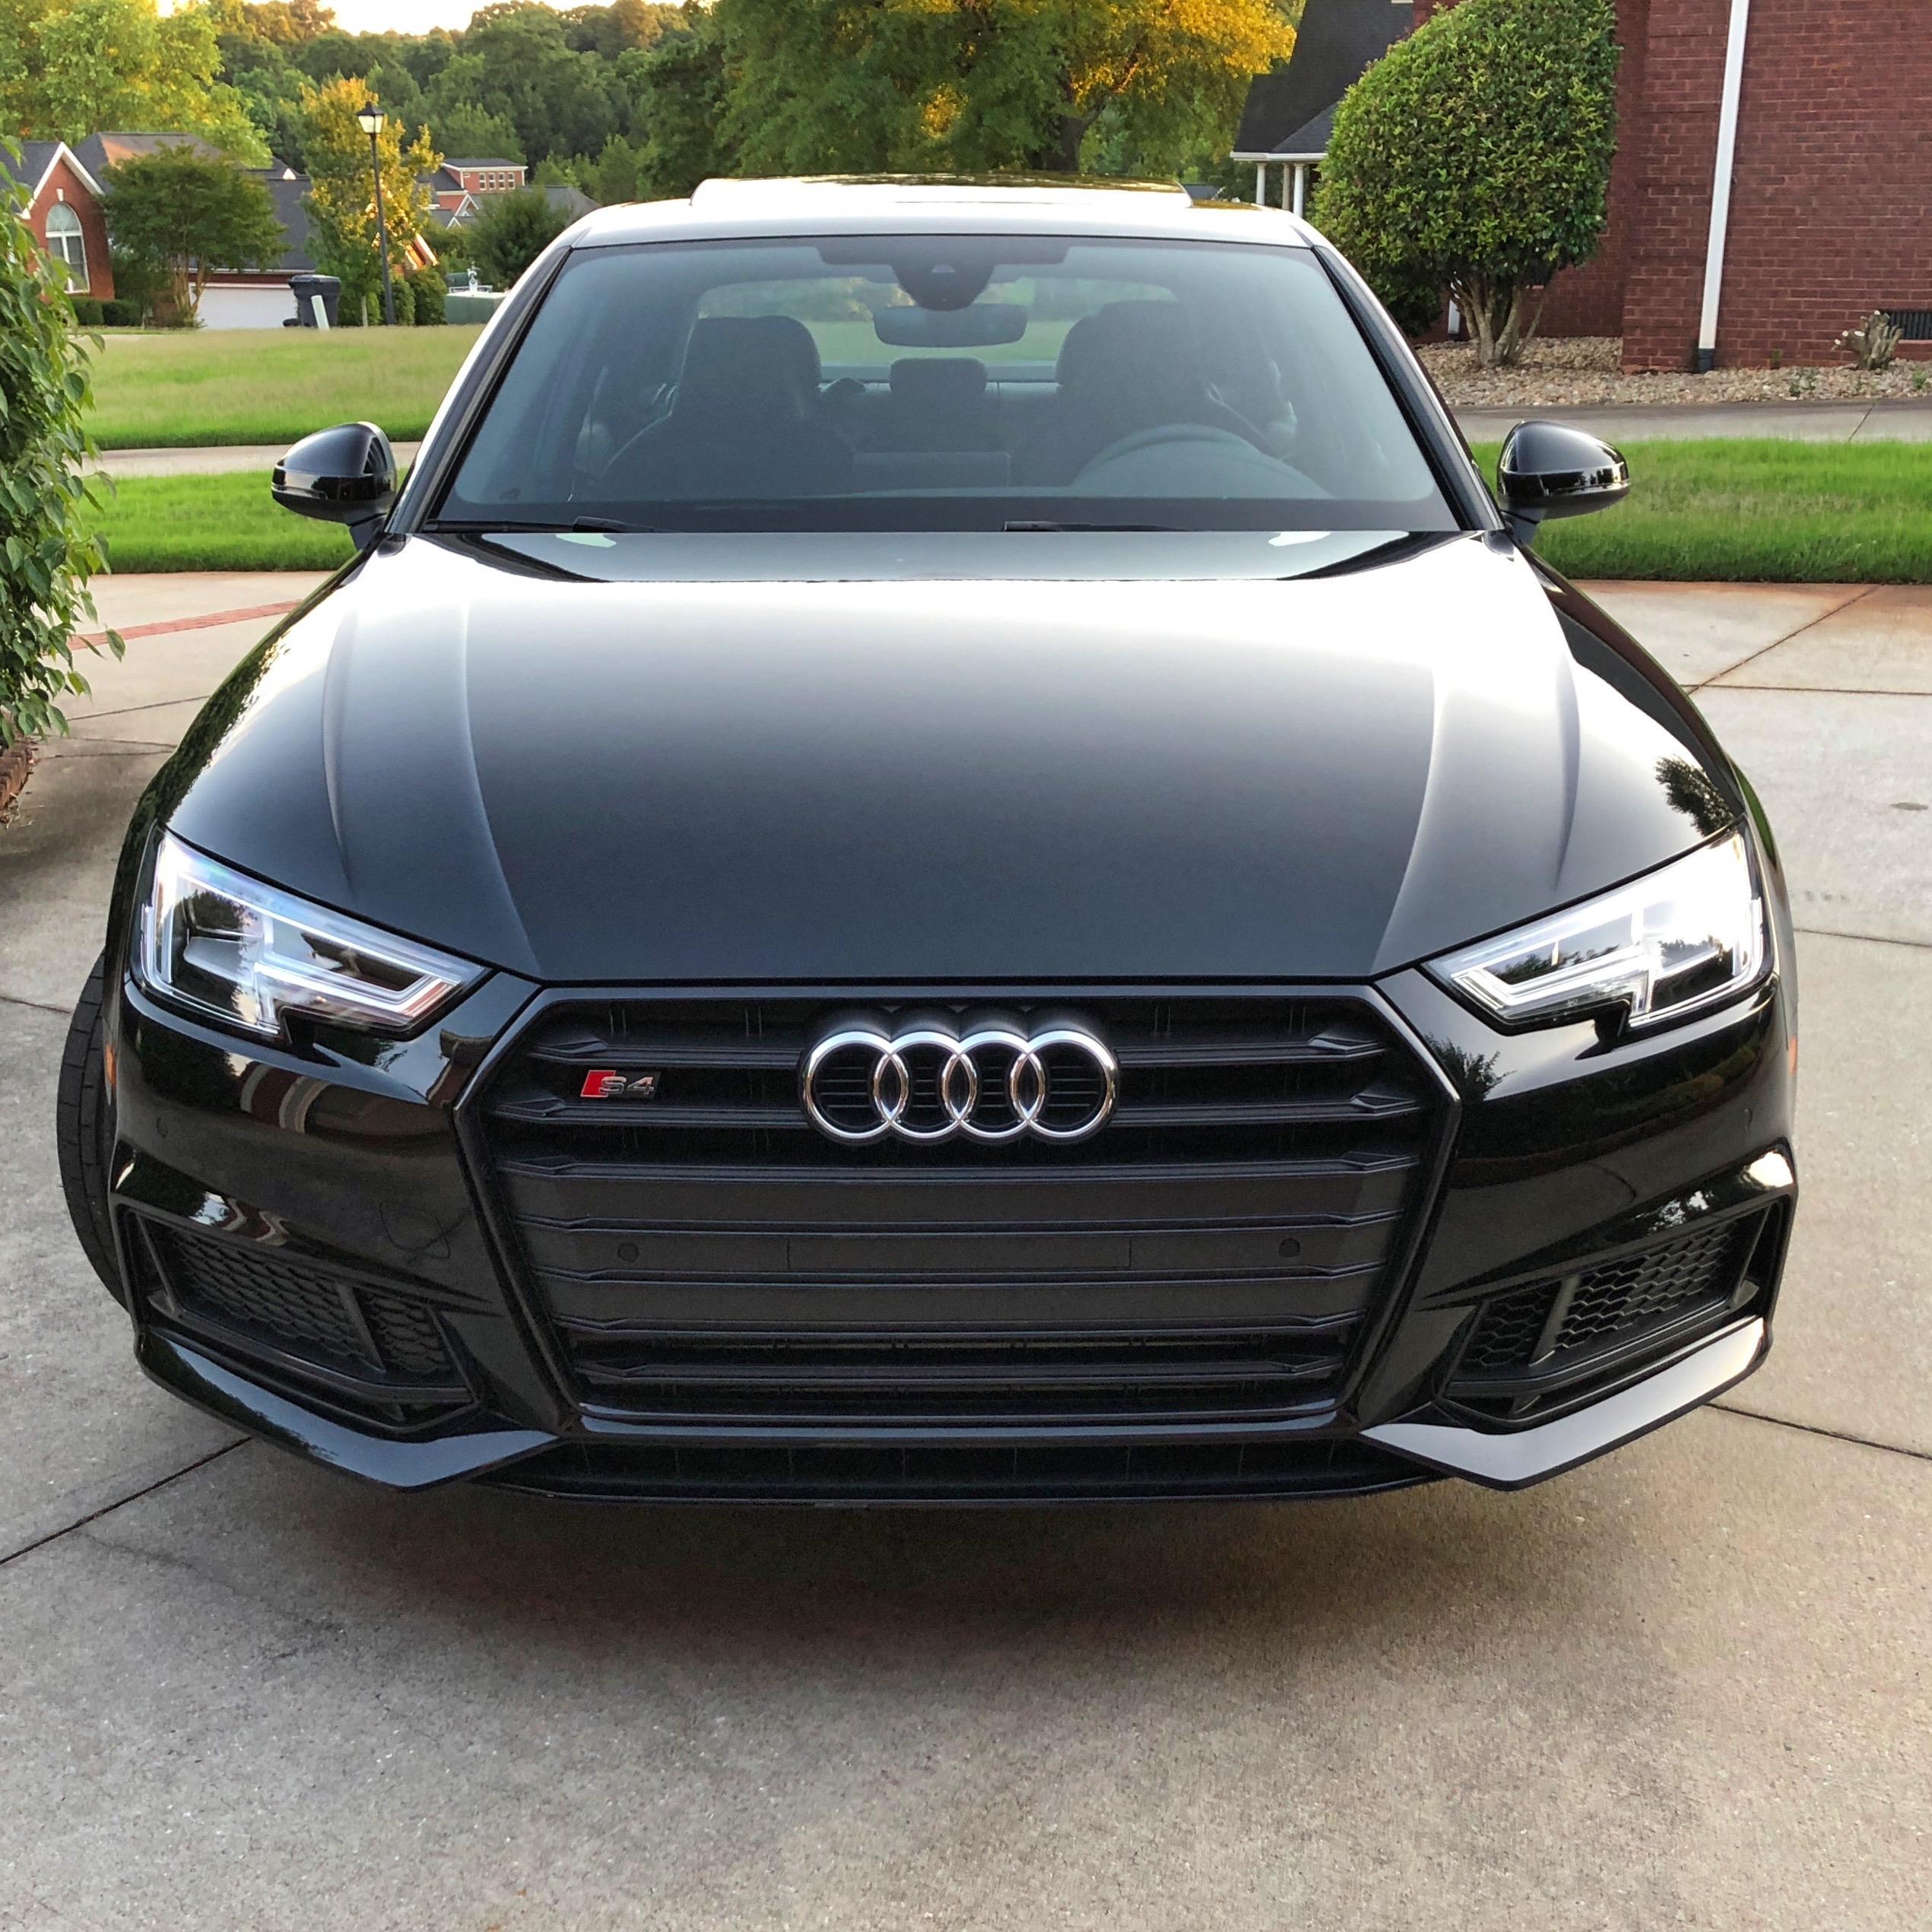 Audi S4 Mythos black metallic